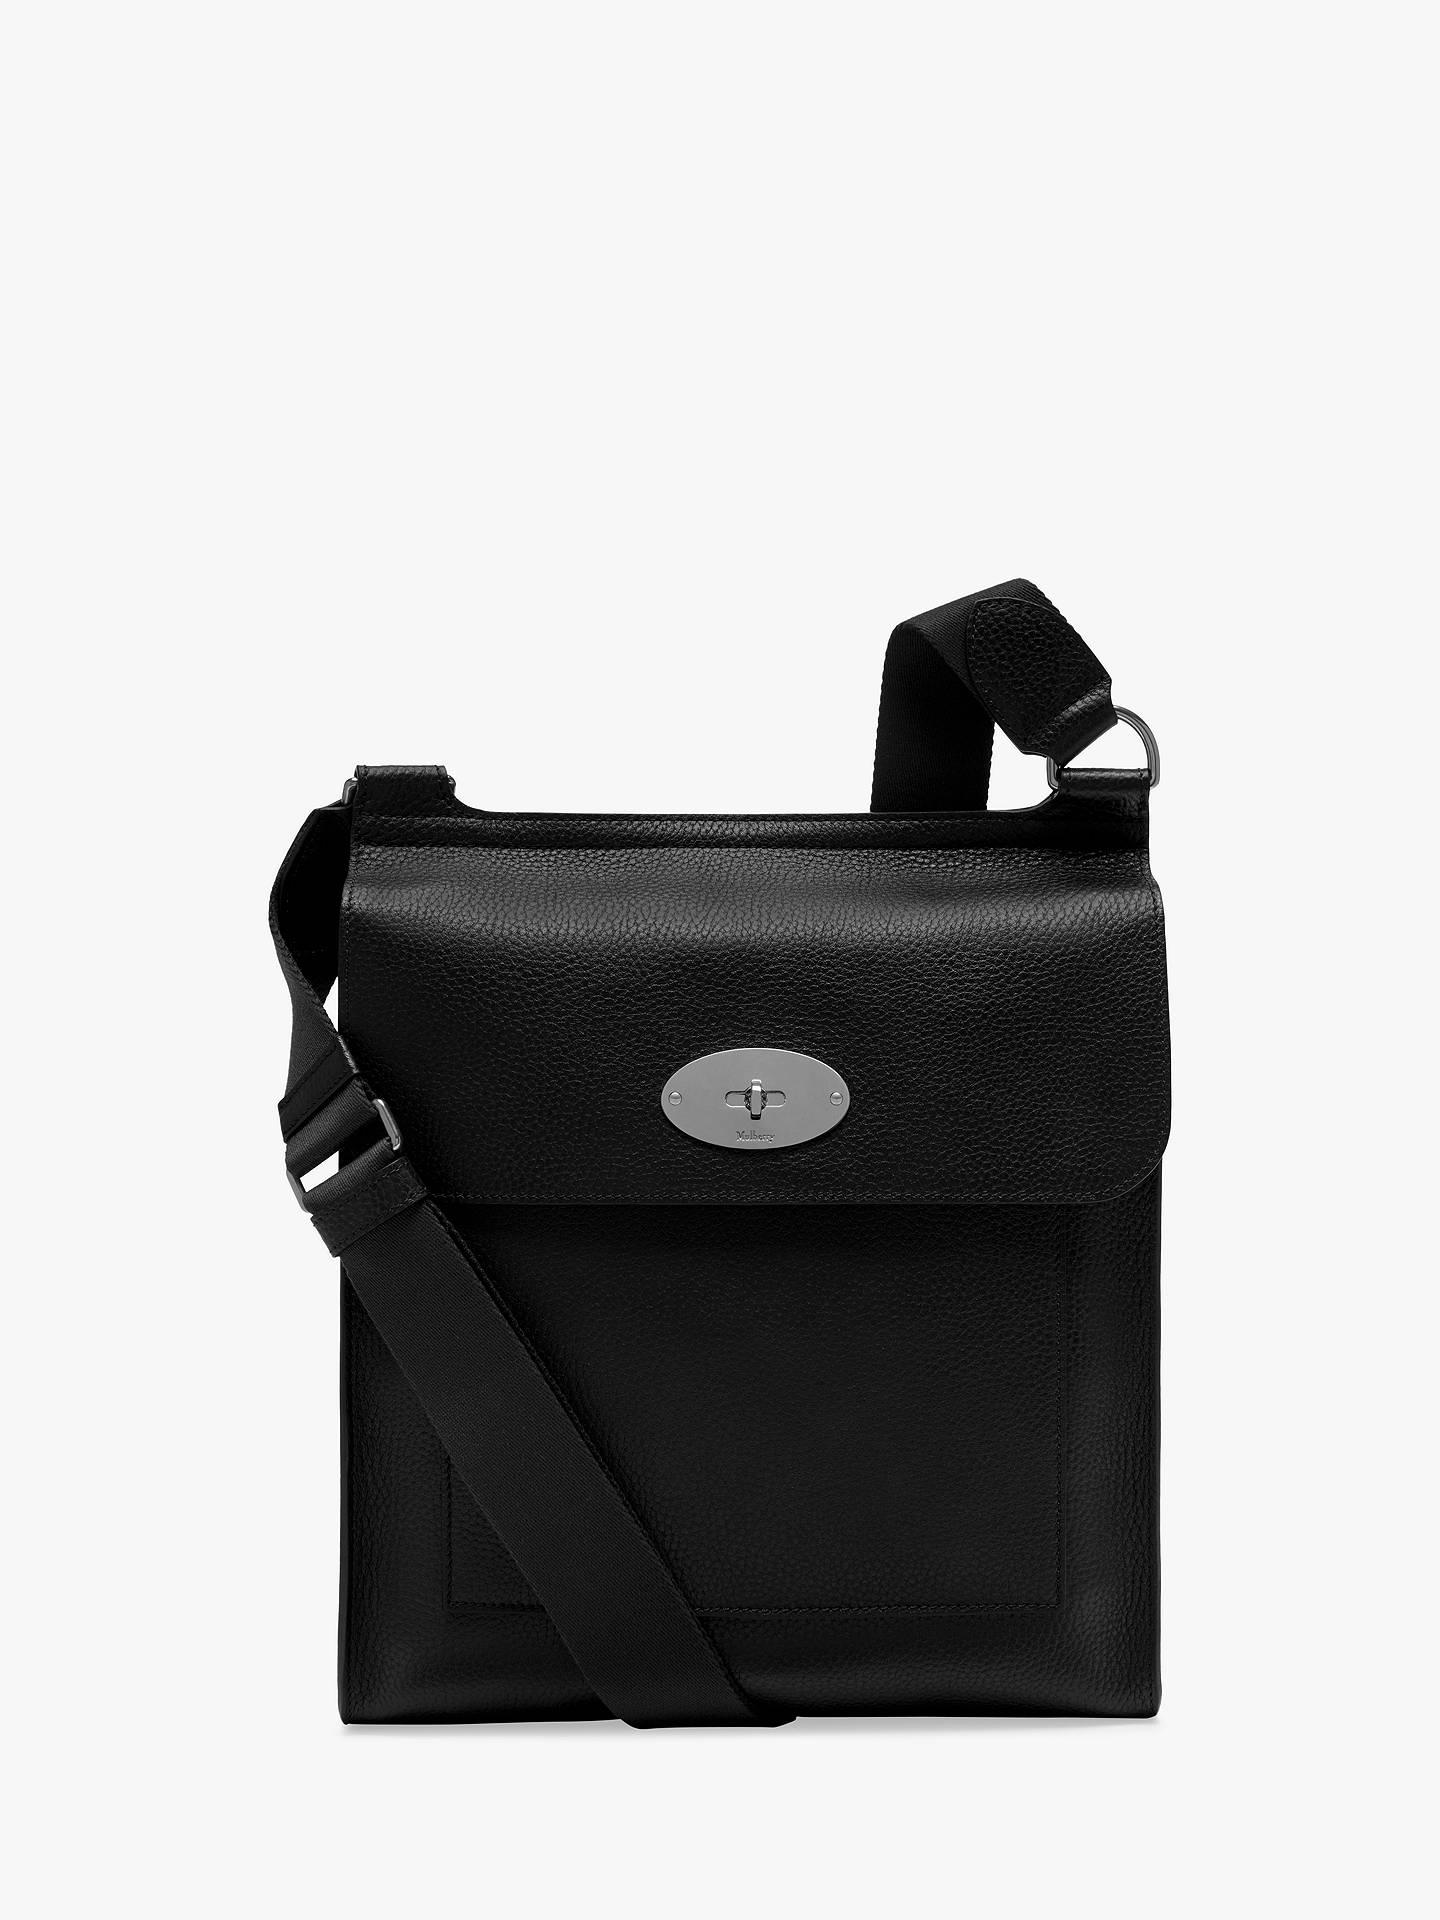 295f0984de90 BuyMulberry New Antony Grain Veg Tanned Leather Messenger Bag